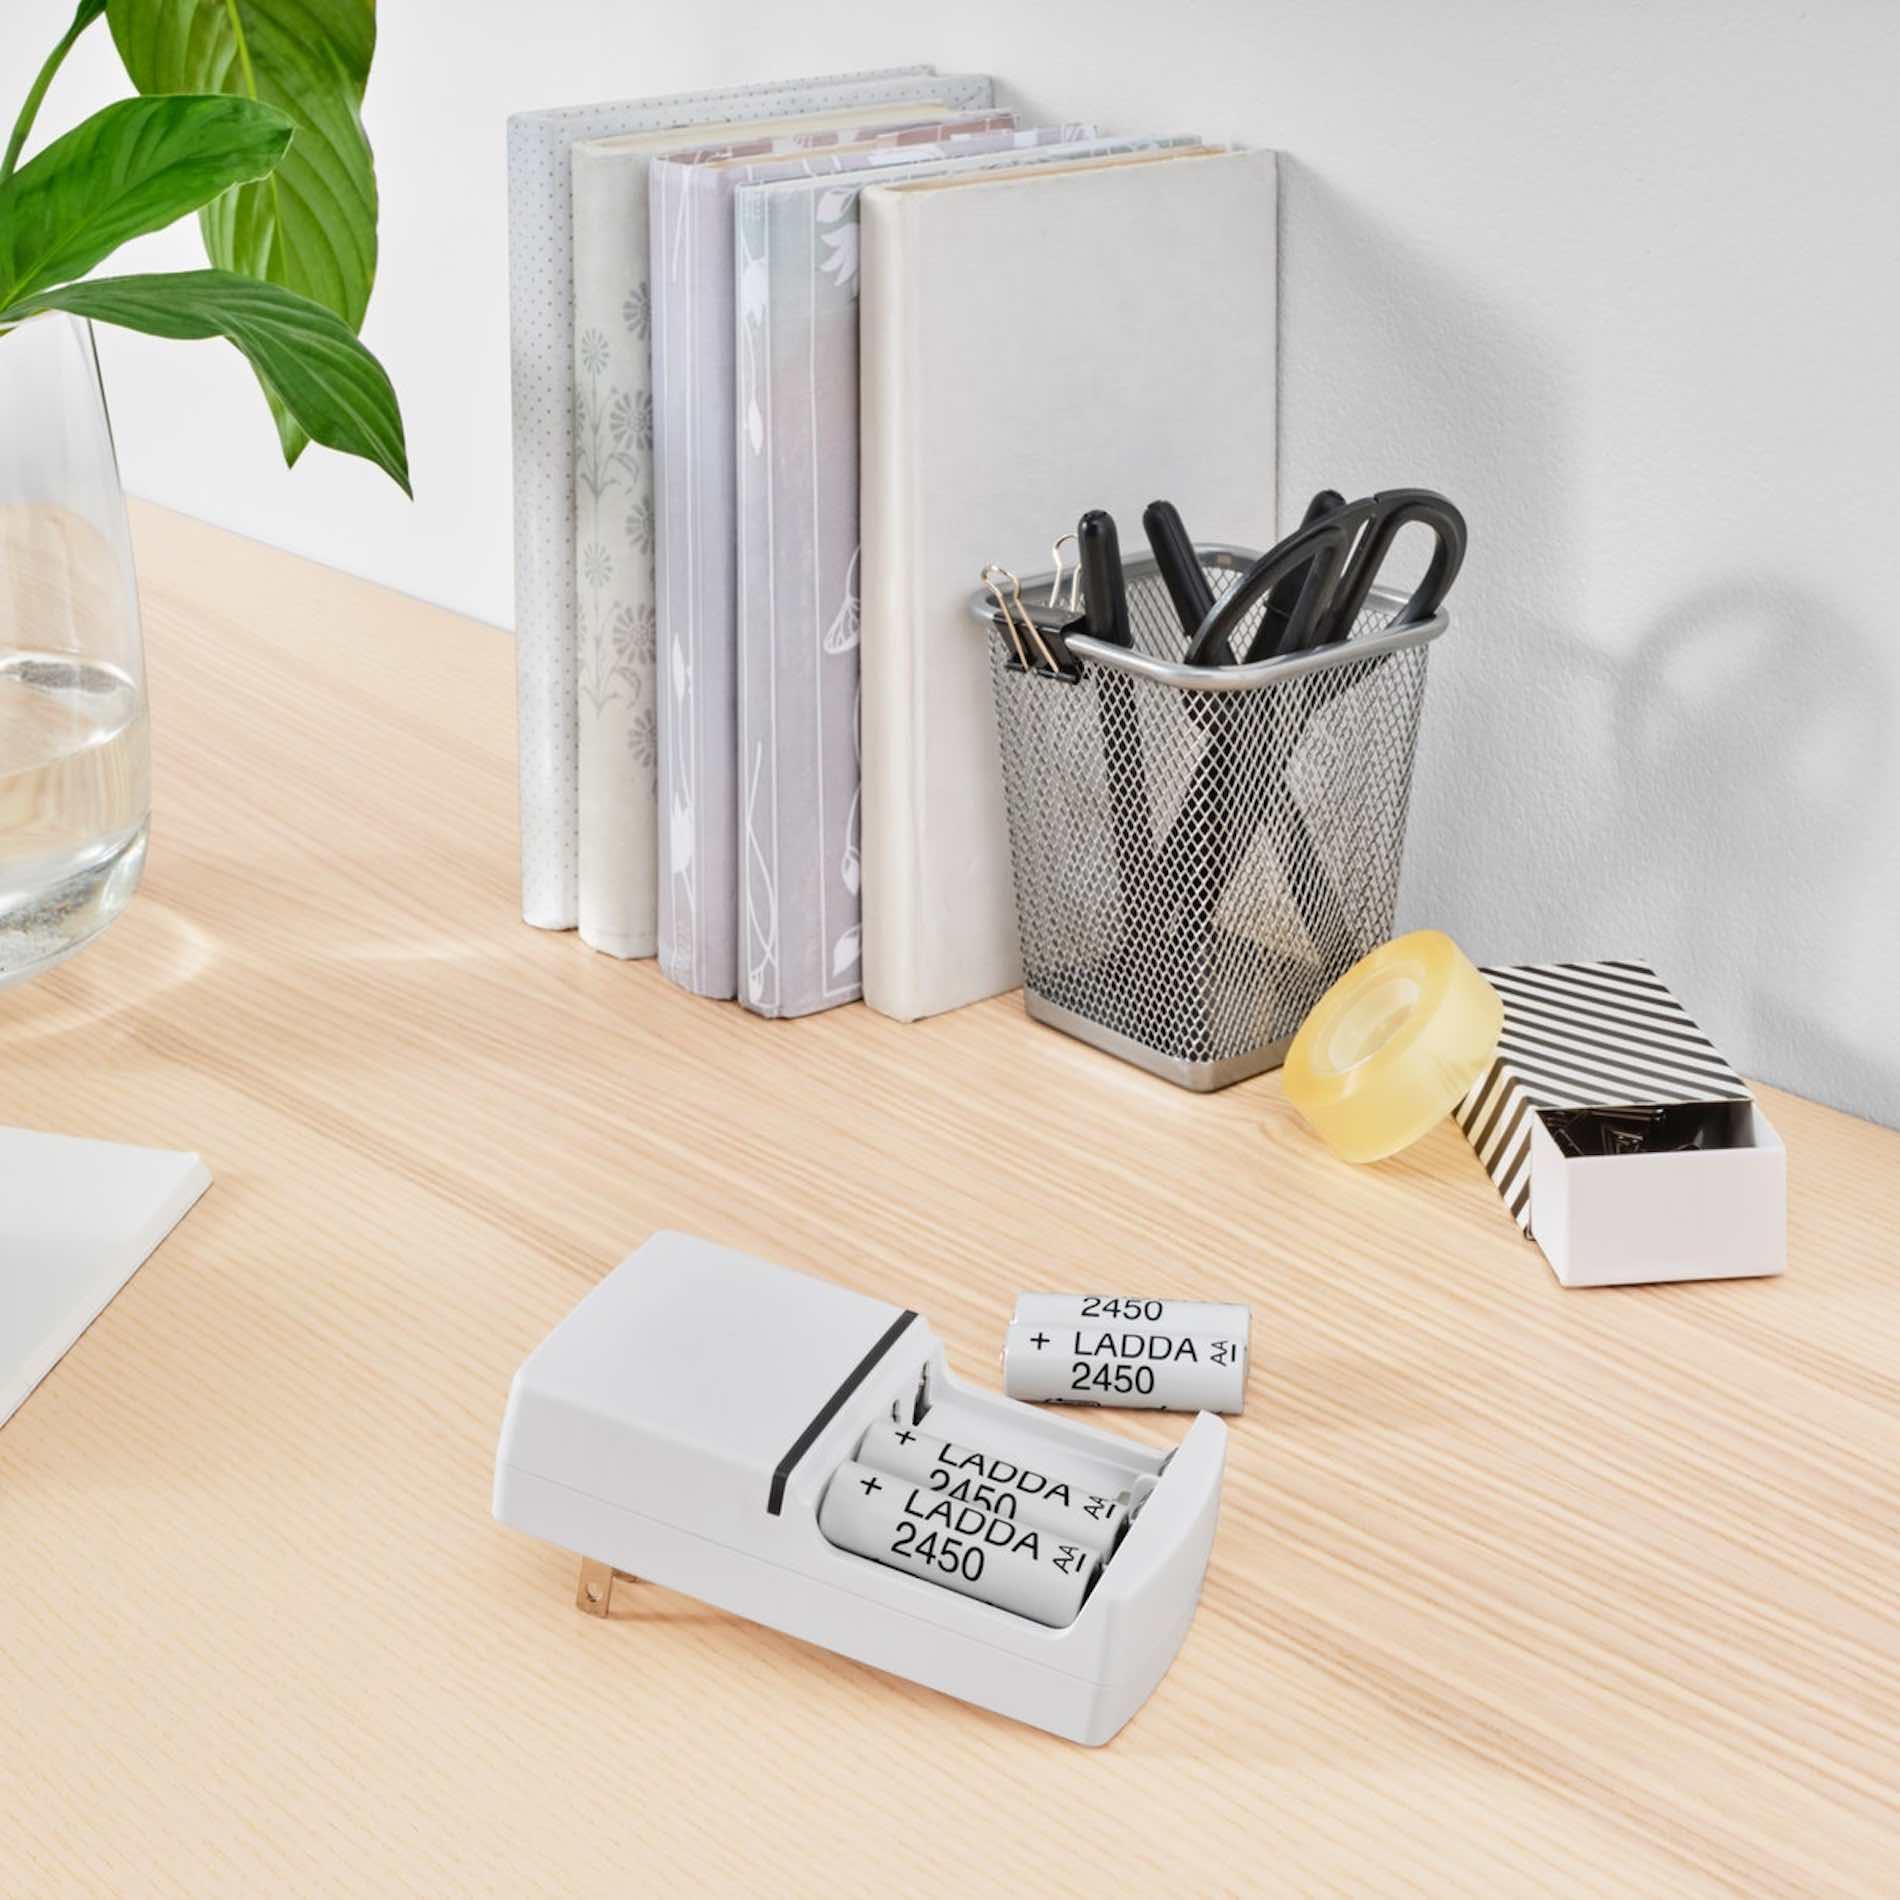 IKEA Batterie, IKEA Batterien, Nachhaltigkeit, Akkus